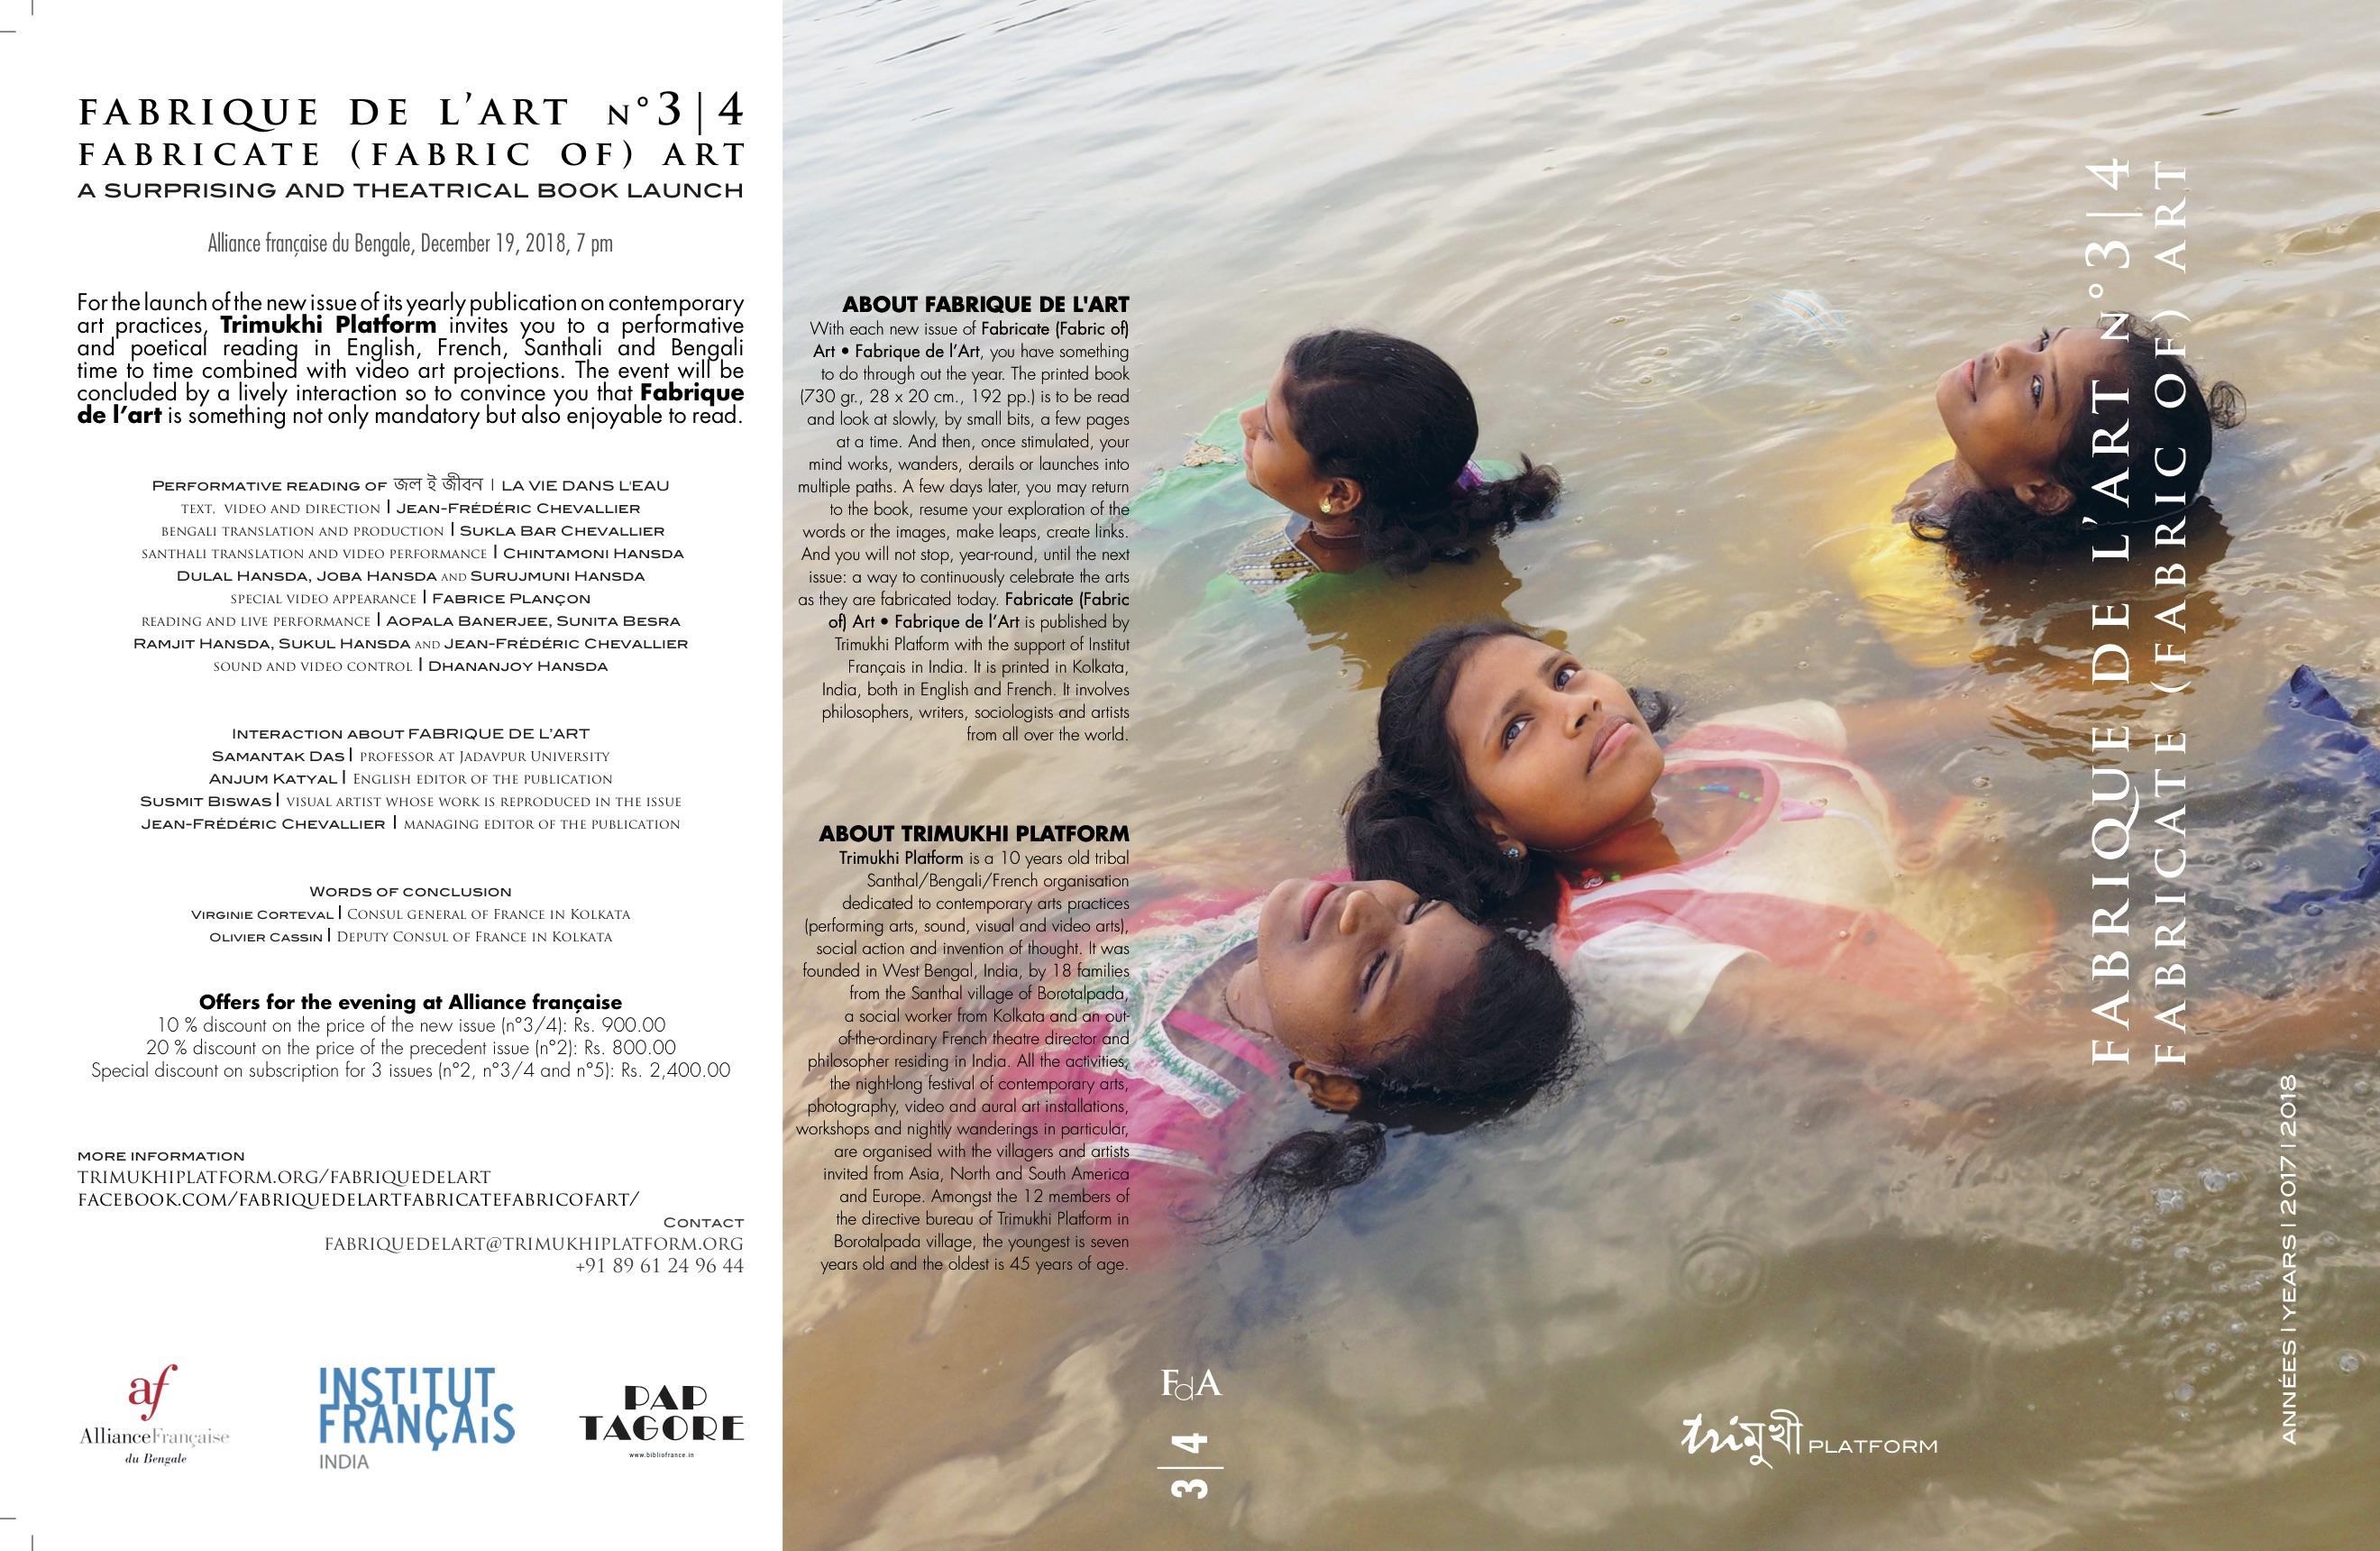 Fabrique de l'art n°3/4 => a surprising and theatrical book launch